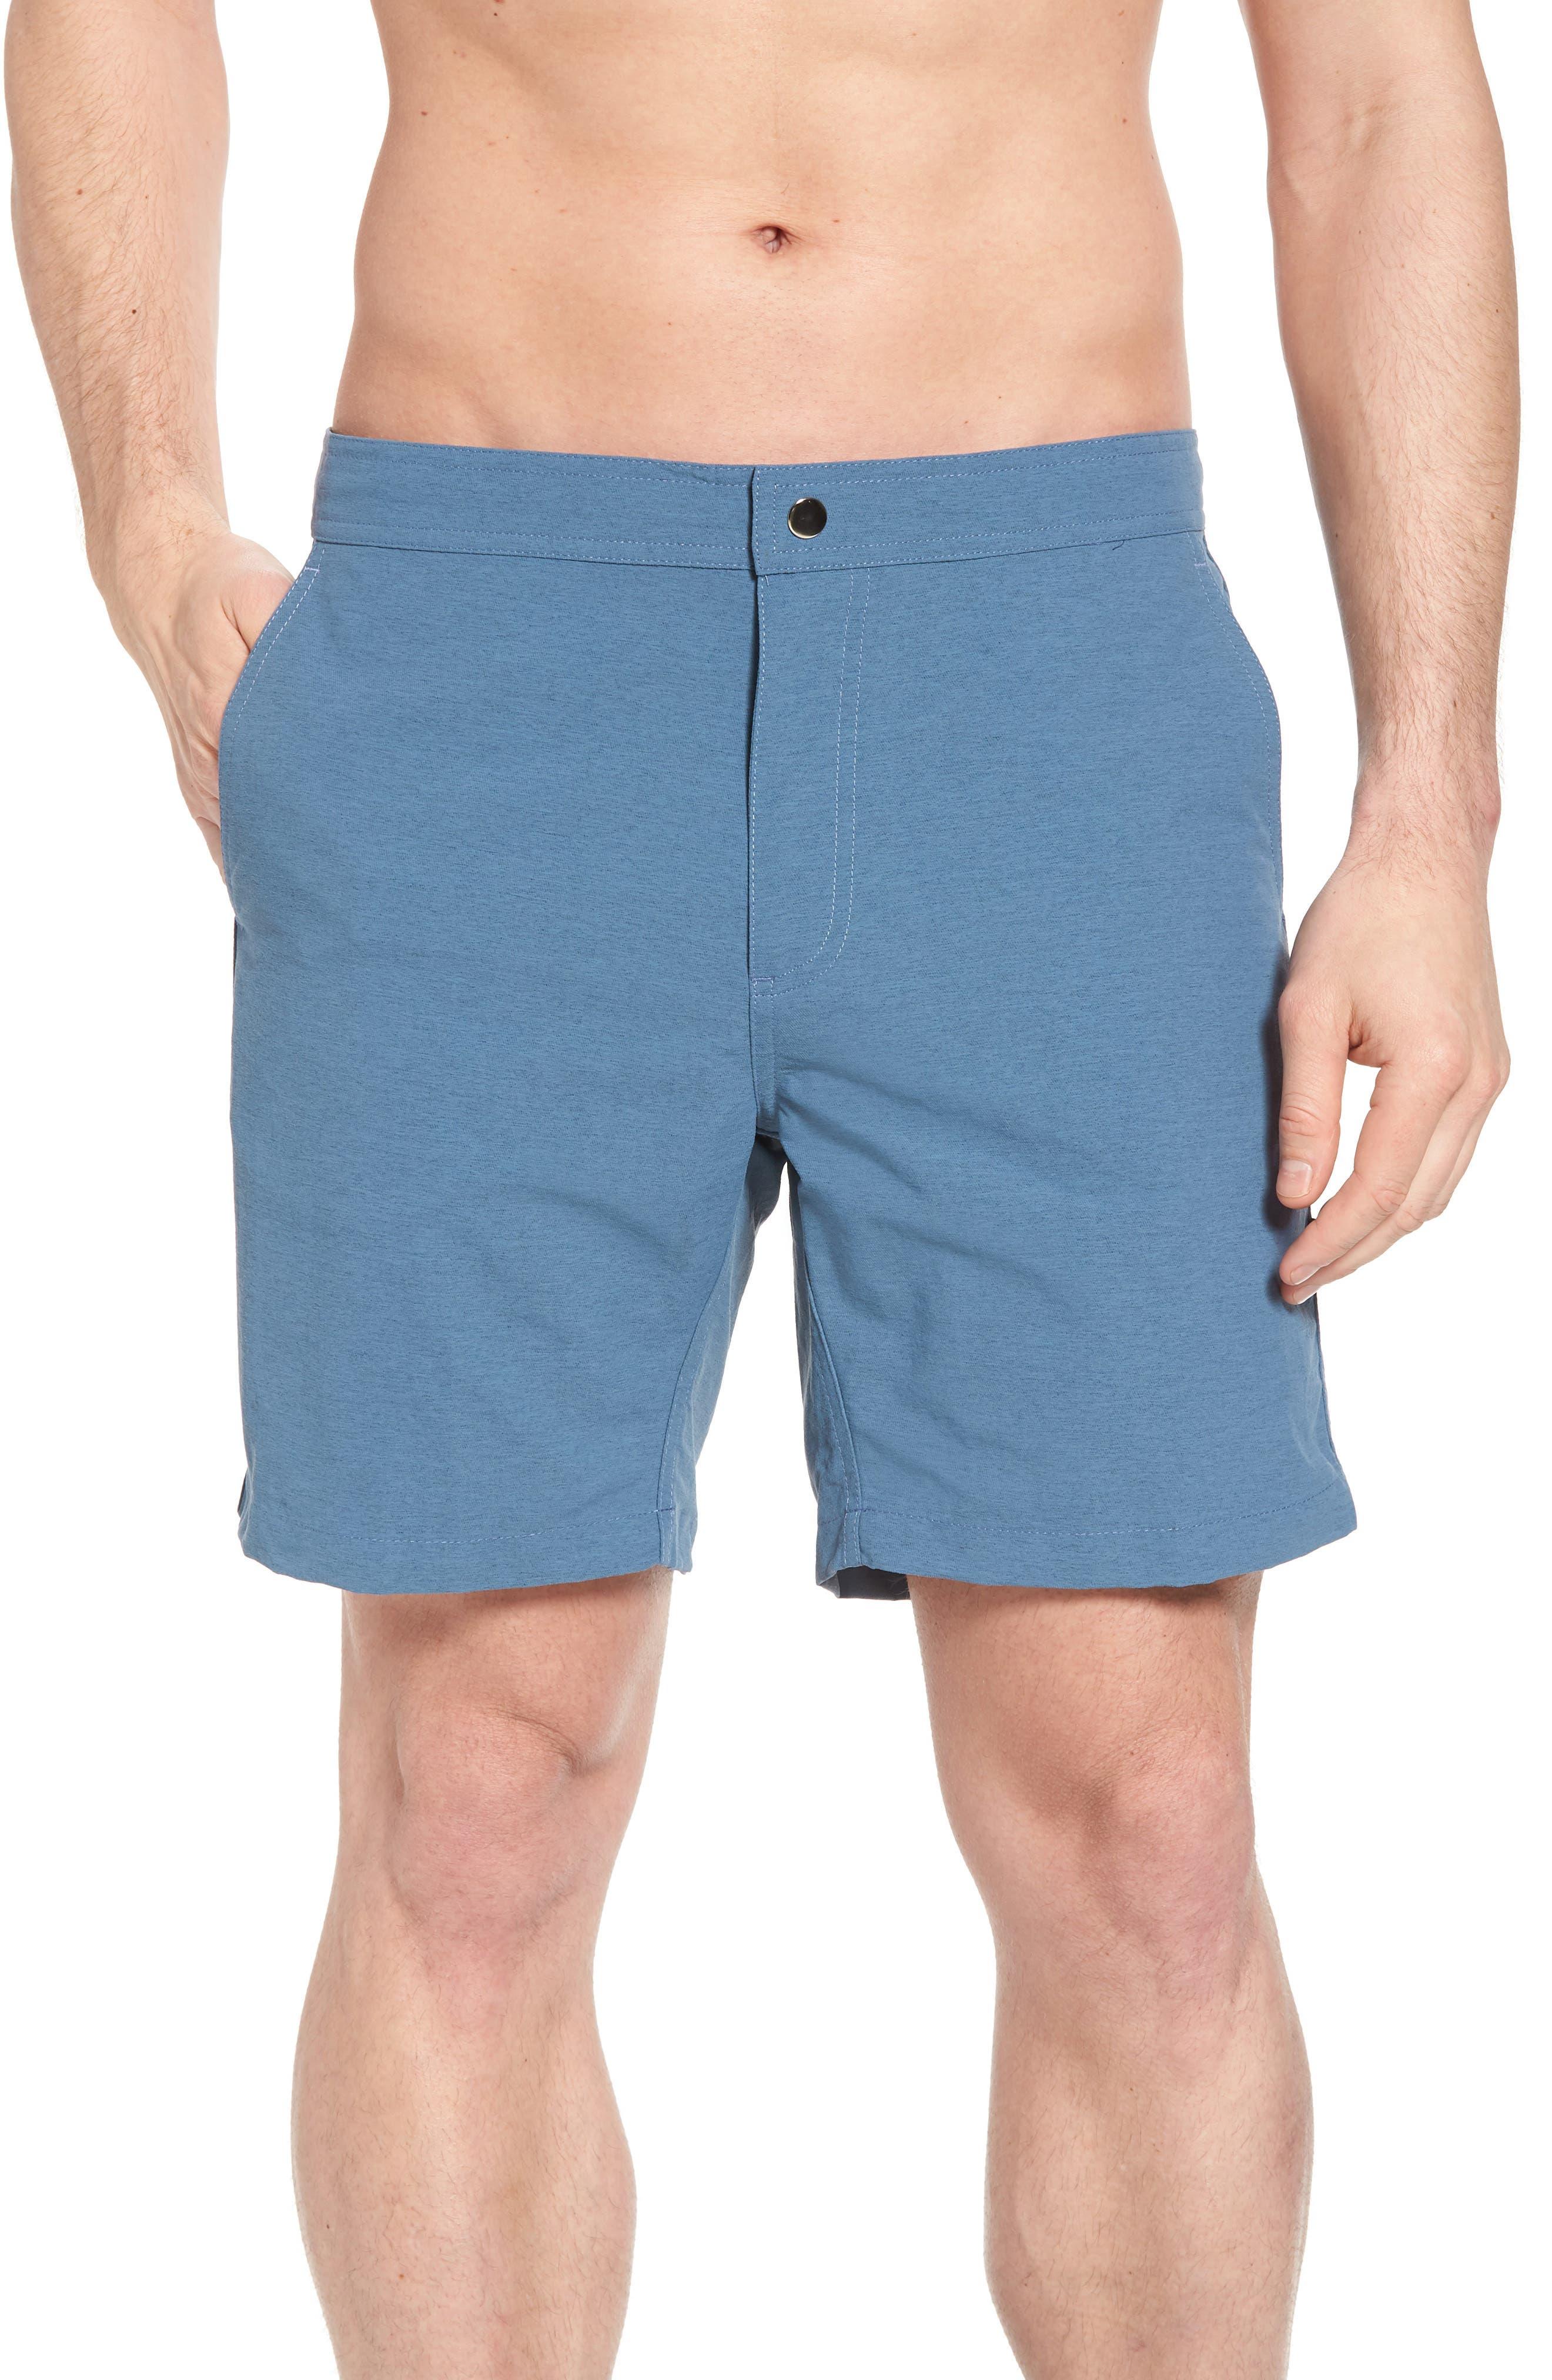 Bond Hybrid Shorts,                             Main thumbnail 1, color,                             TIDAL BLUE